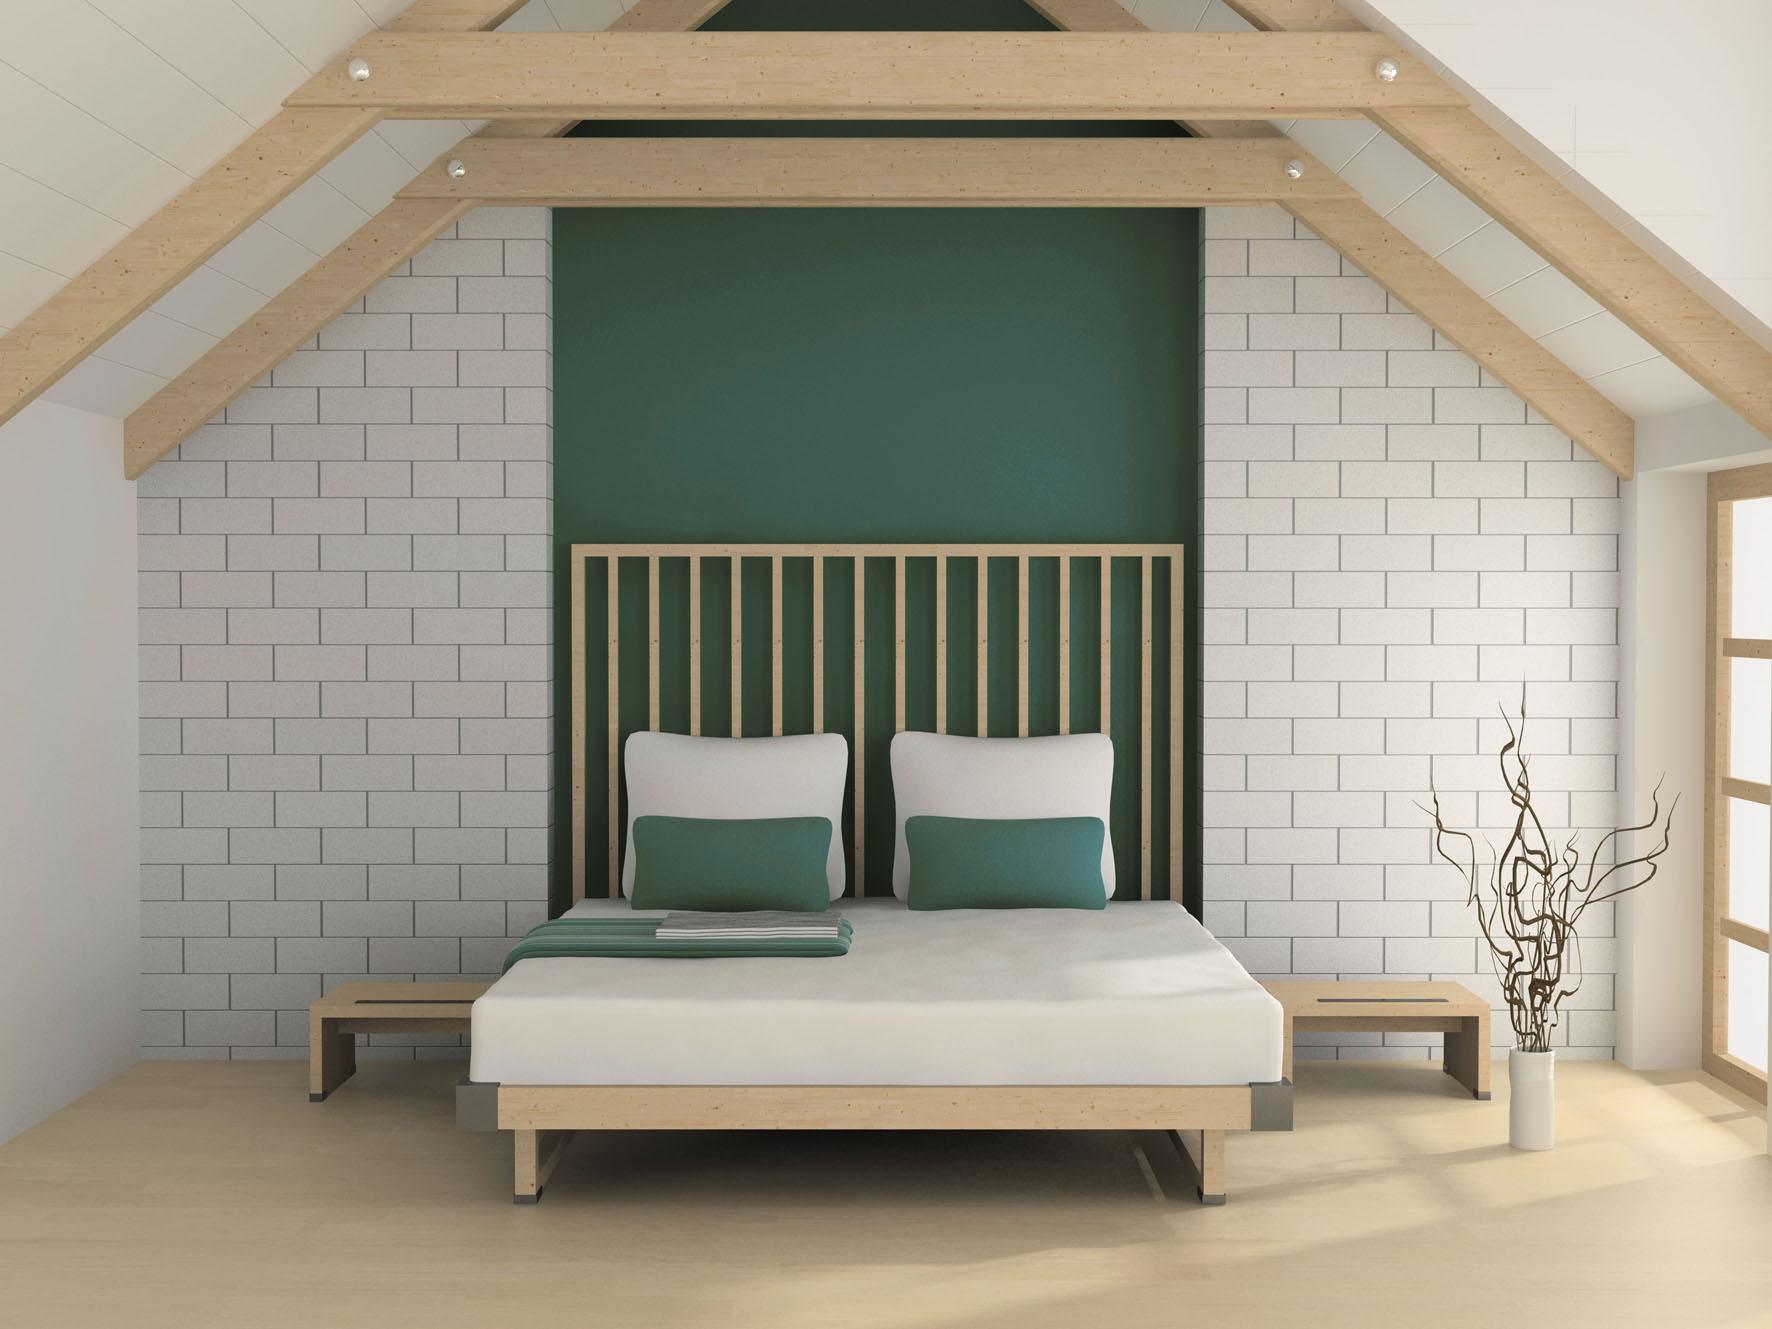 Mathys - La peinture vert émeraude de Mathys® habille tous les intérieurs - FPA